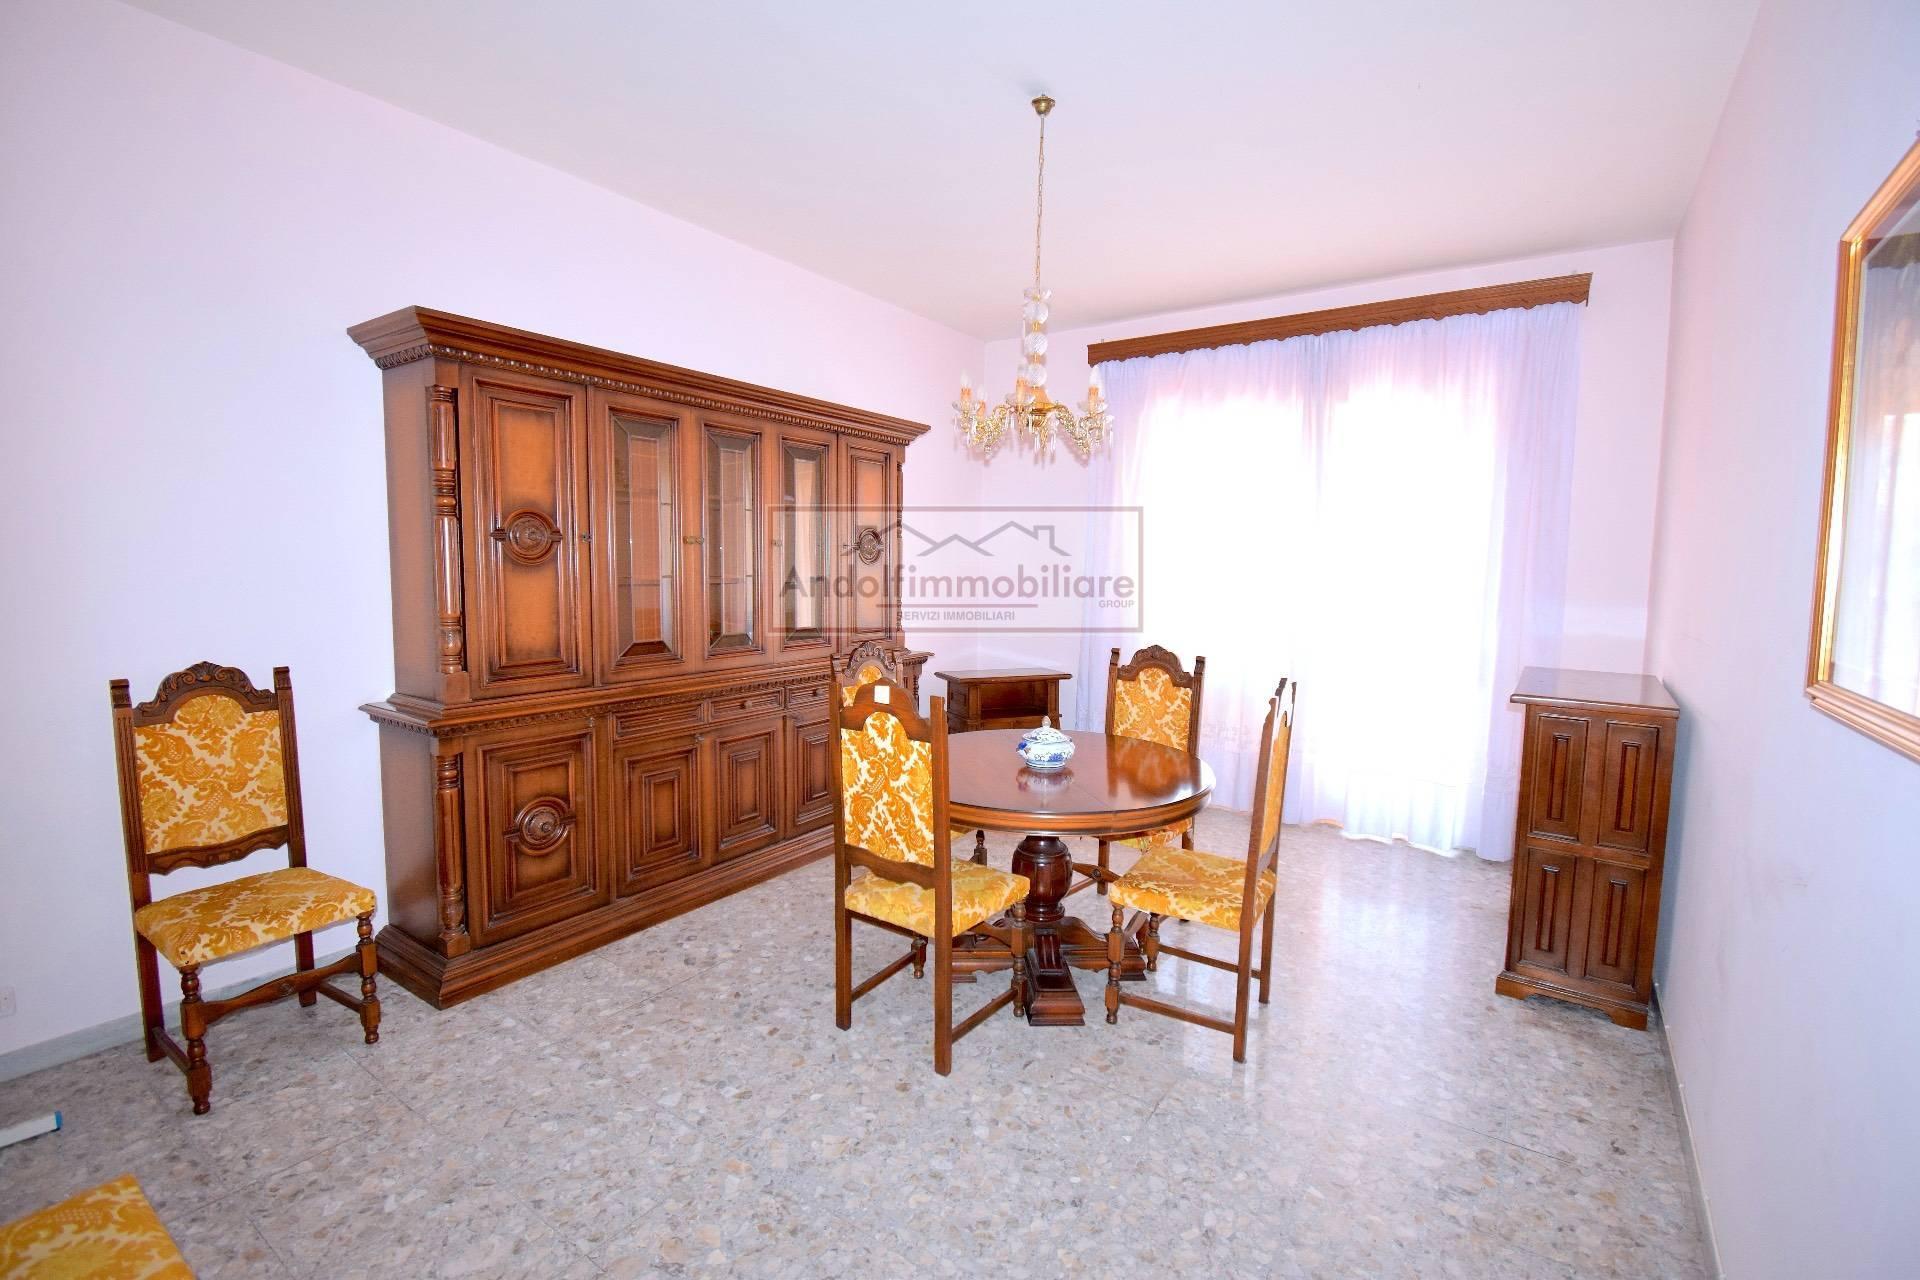 Appartamento in vendita a Gaeta, 4 locali, prezzo € 259.000 | CambioCasa.it